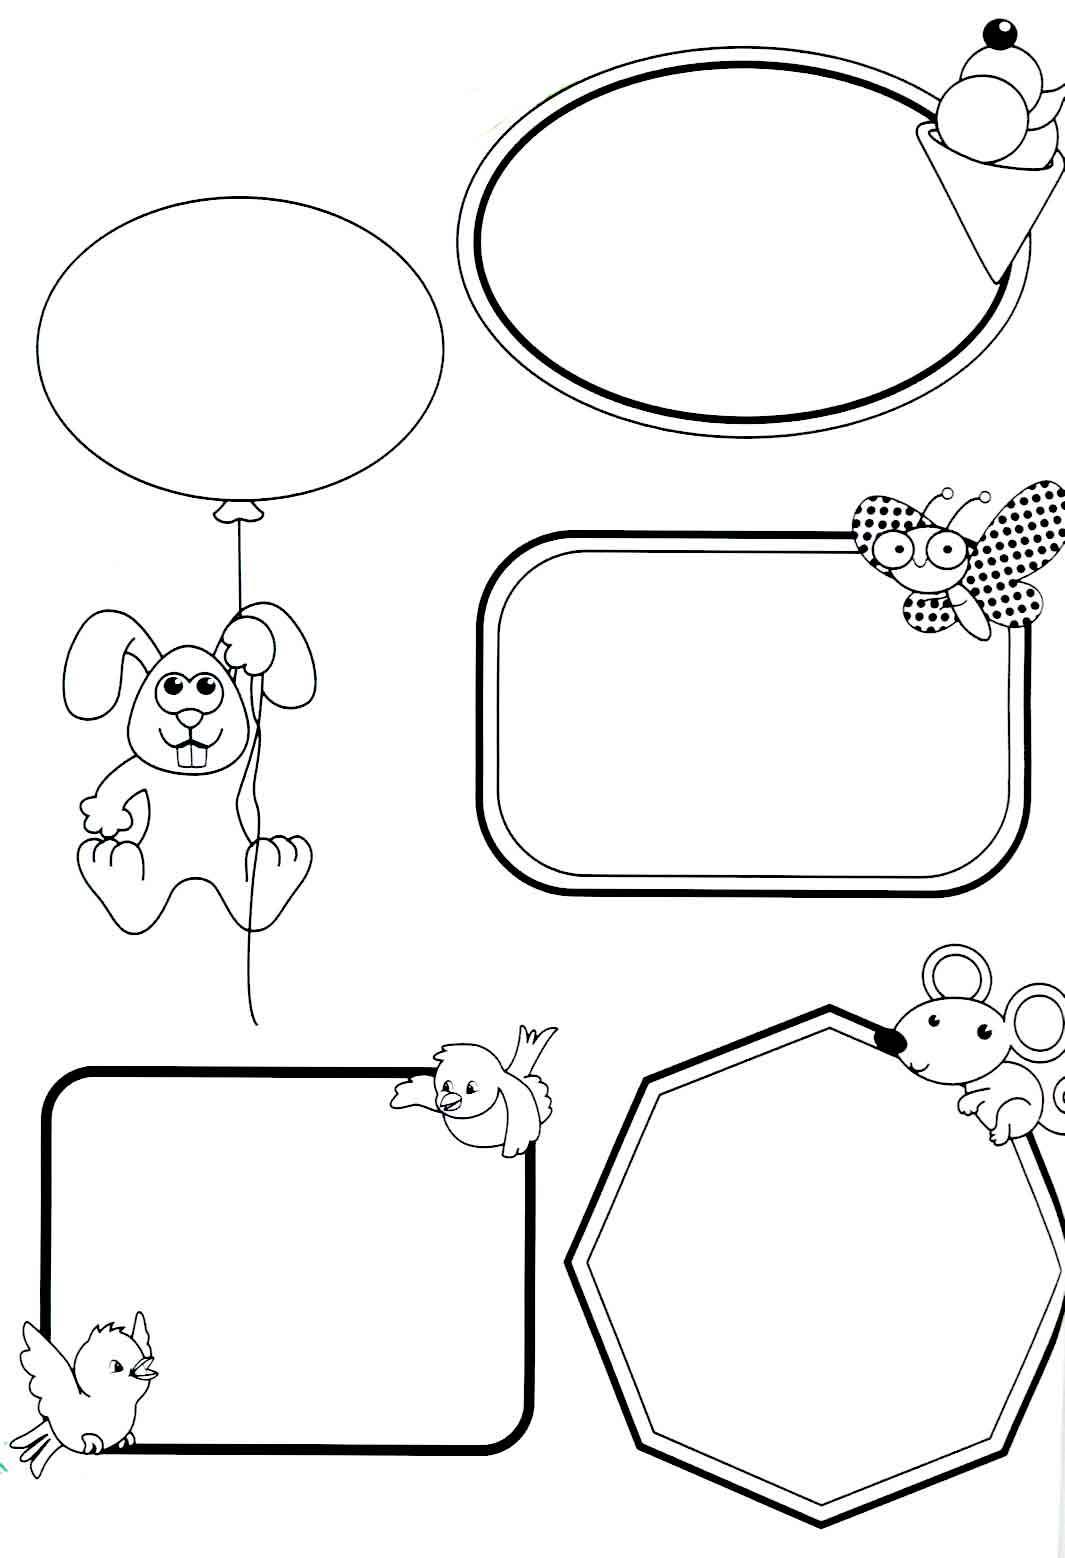 Crachas Infantis Para Imprimir E Usar Na Escola Compartilhando